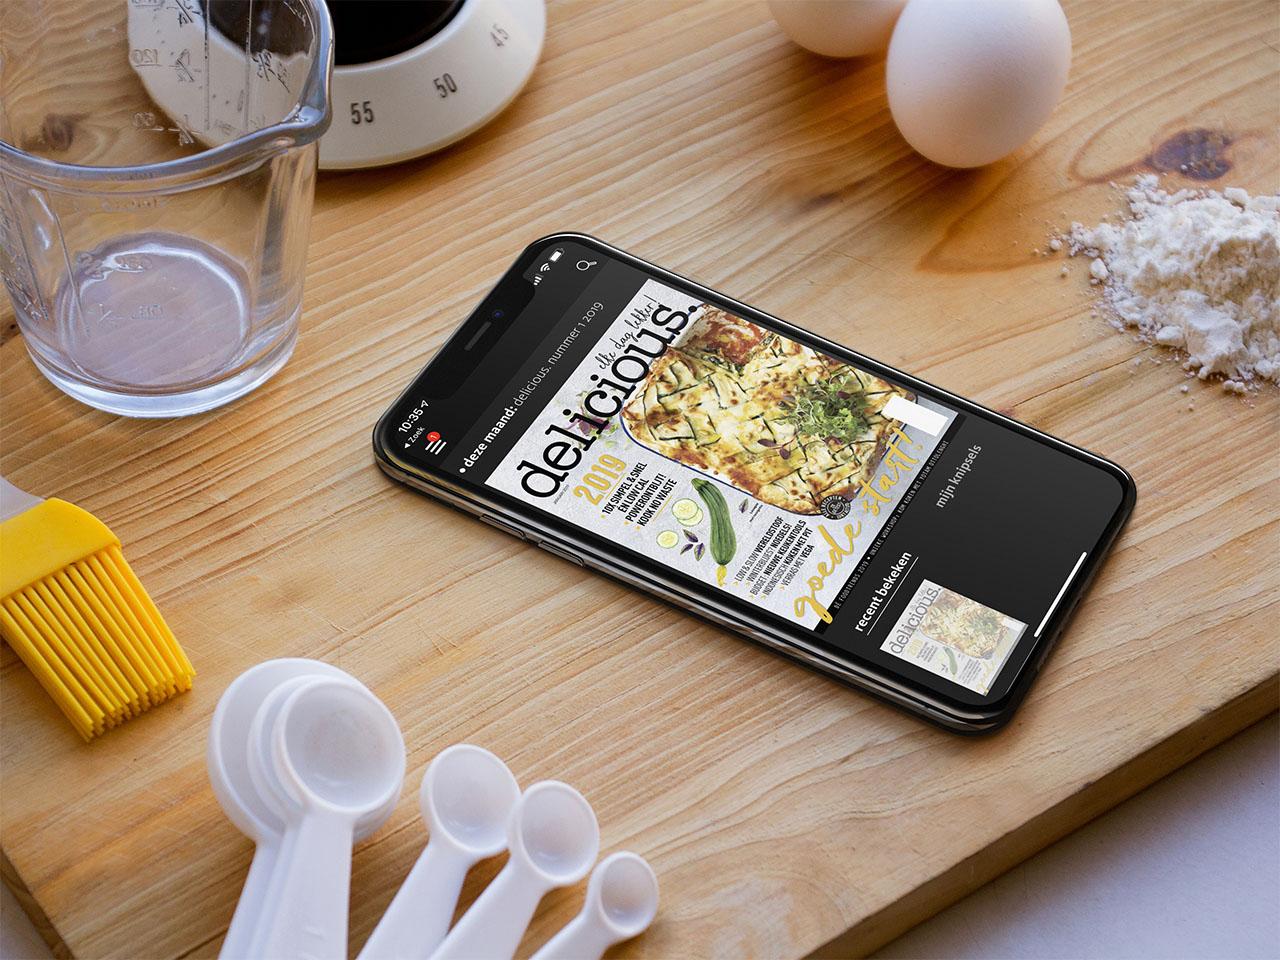 Delicious Magazine op de iPhoneDelicious Magazine op de iPhone